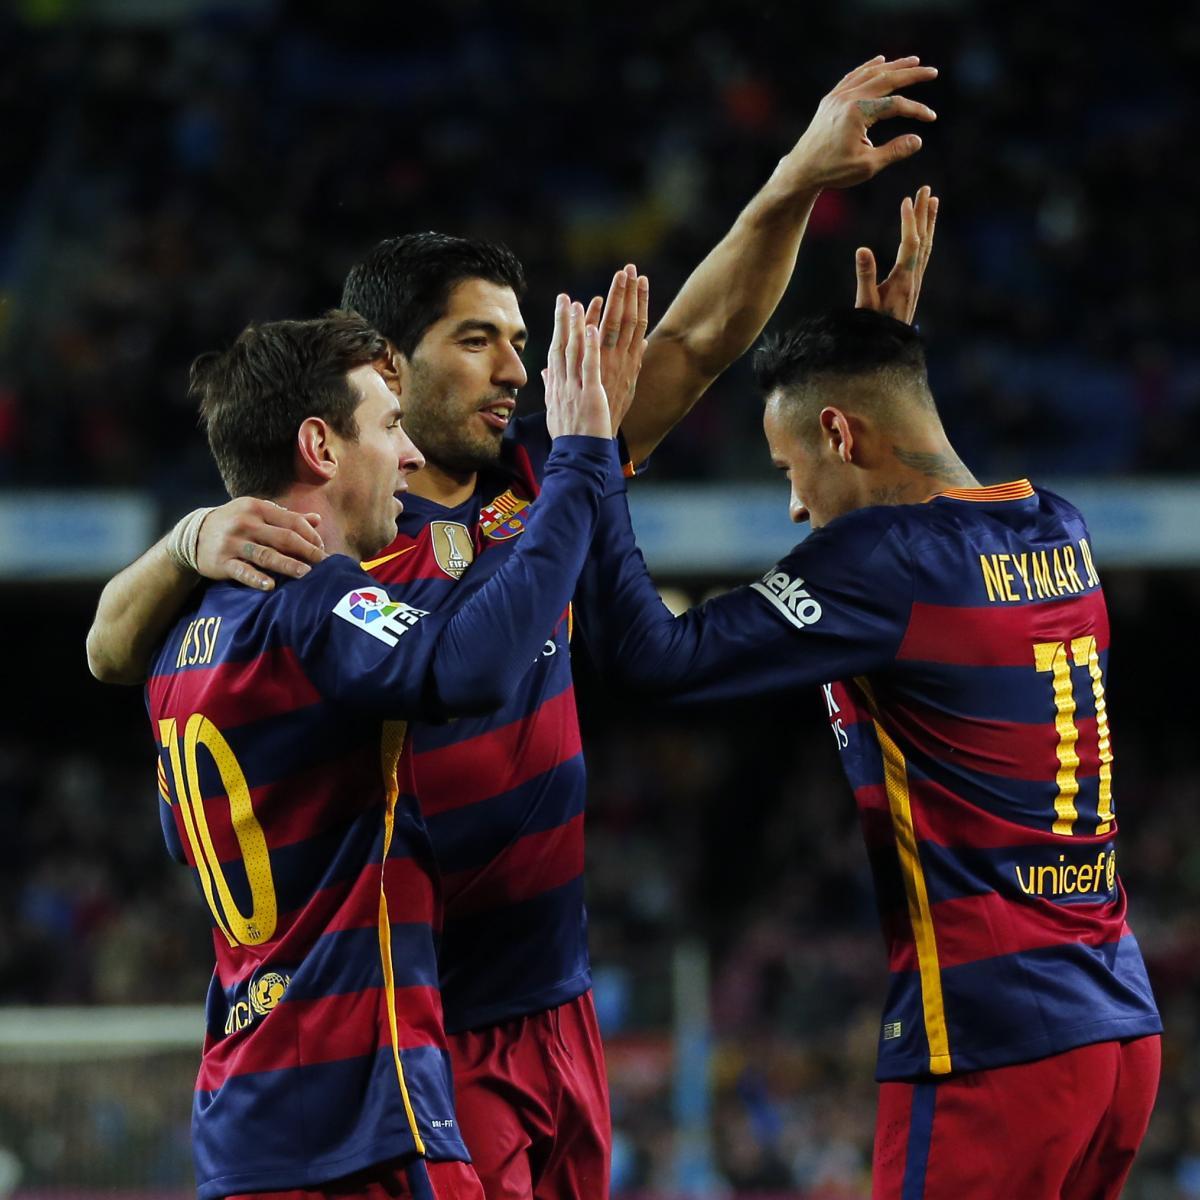 Arsenal Vs. Barcelona: Team News, Predicted Lineups, Live